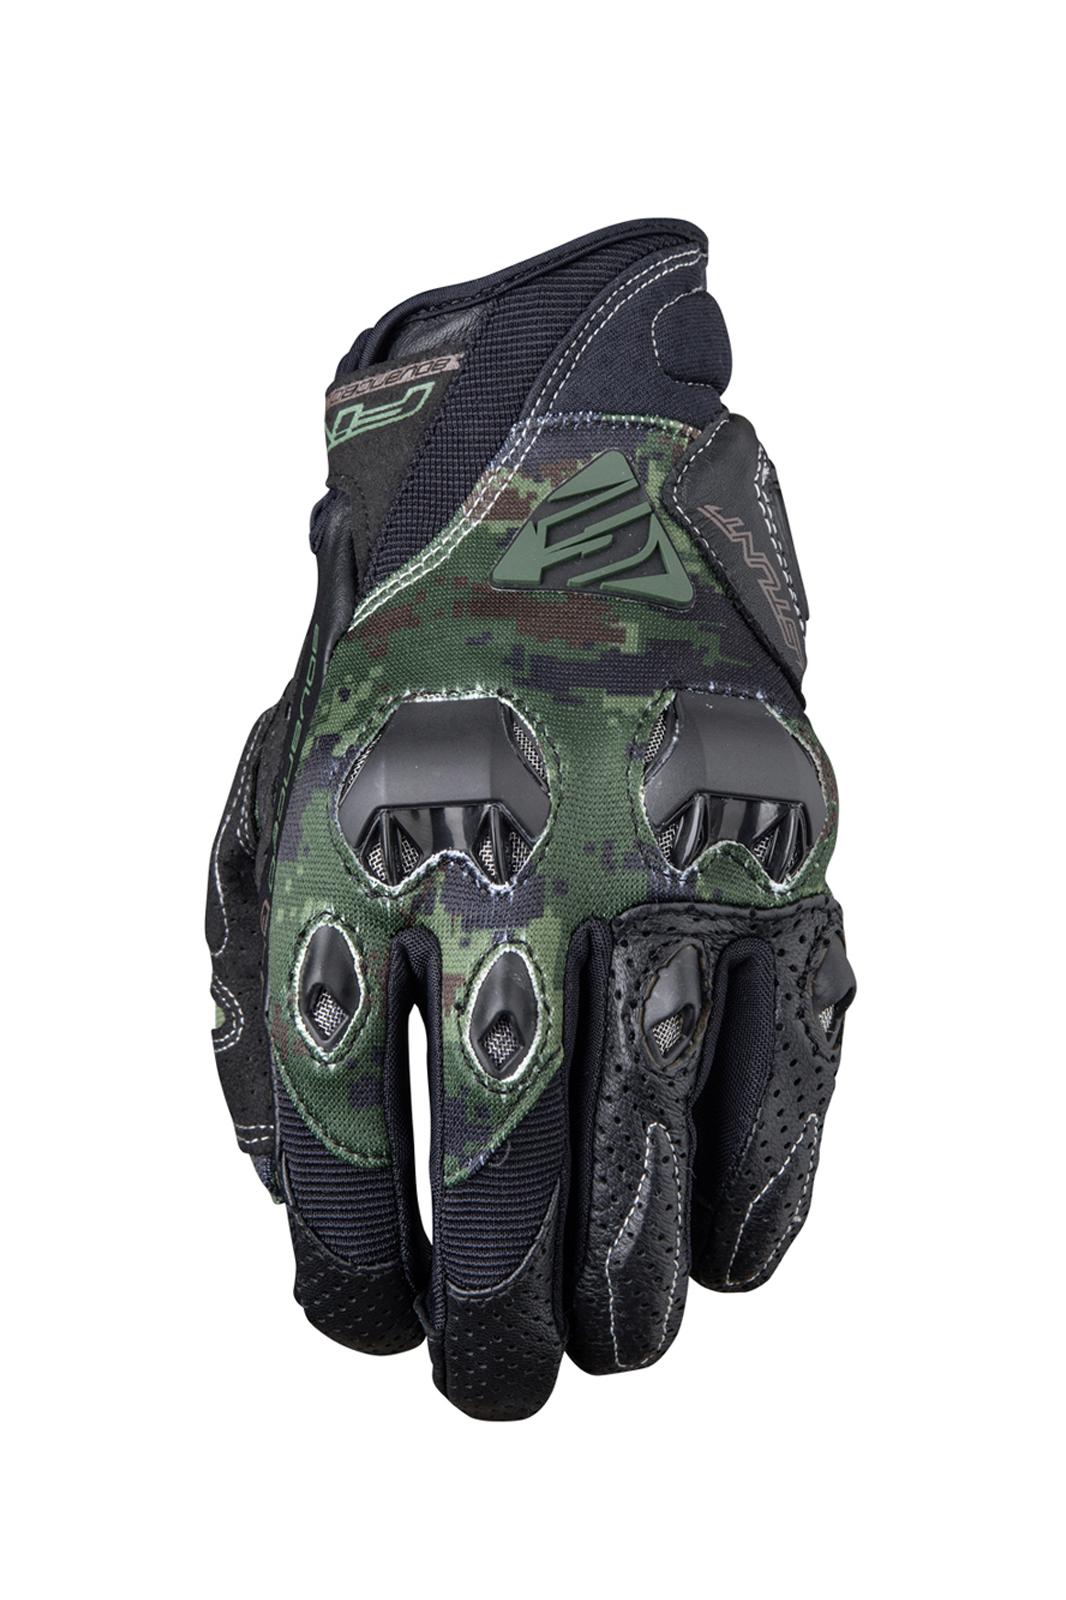 Five Stunt Evo Motorhandschoenen - Replica Army